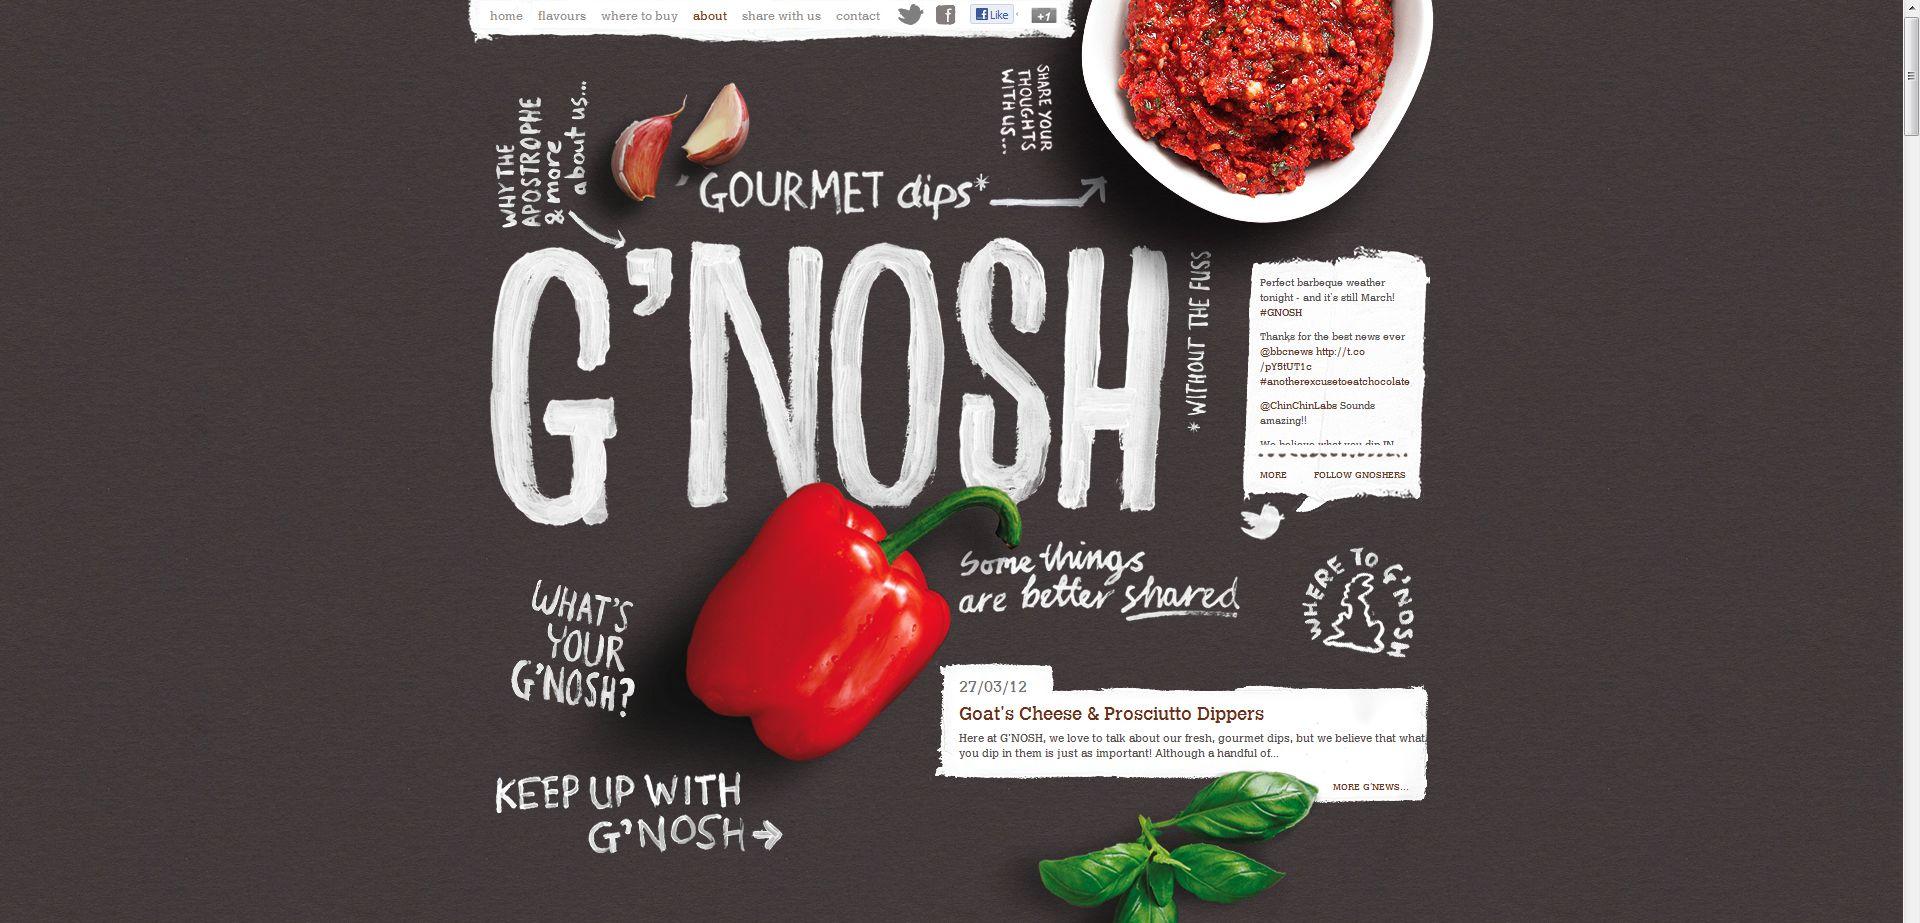 G'NOSH - http://gnosh.co.uk | Designer: Mystery - http://www.mystery.co.uk